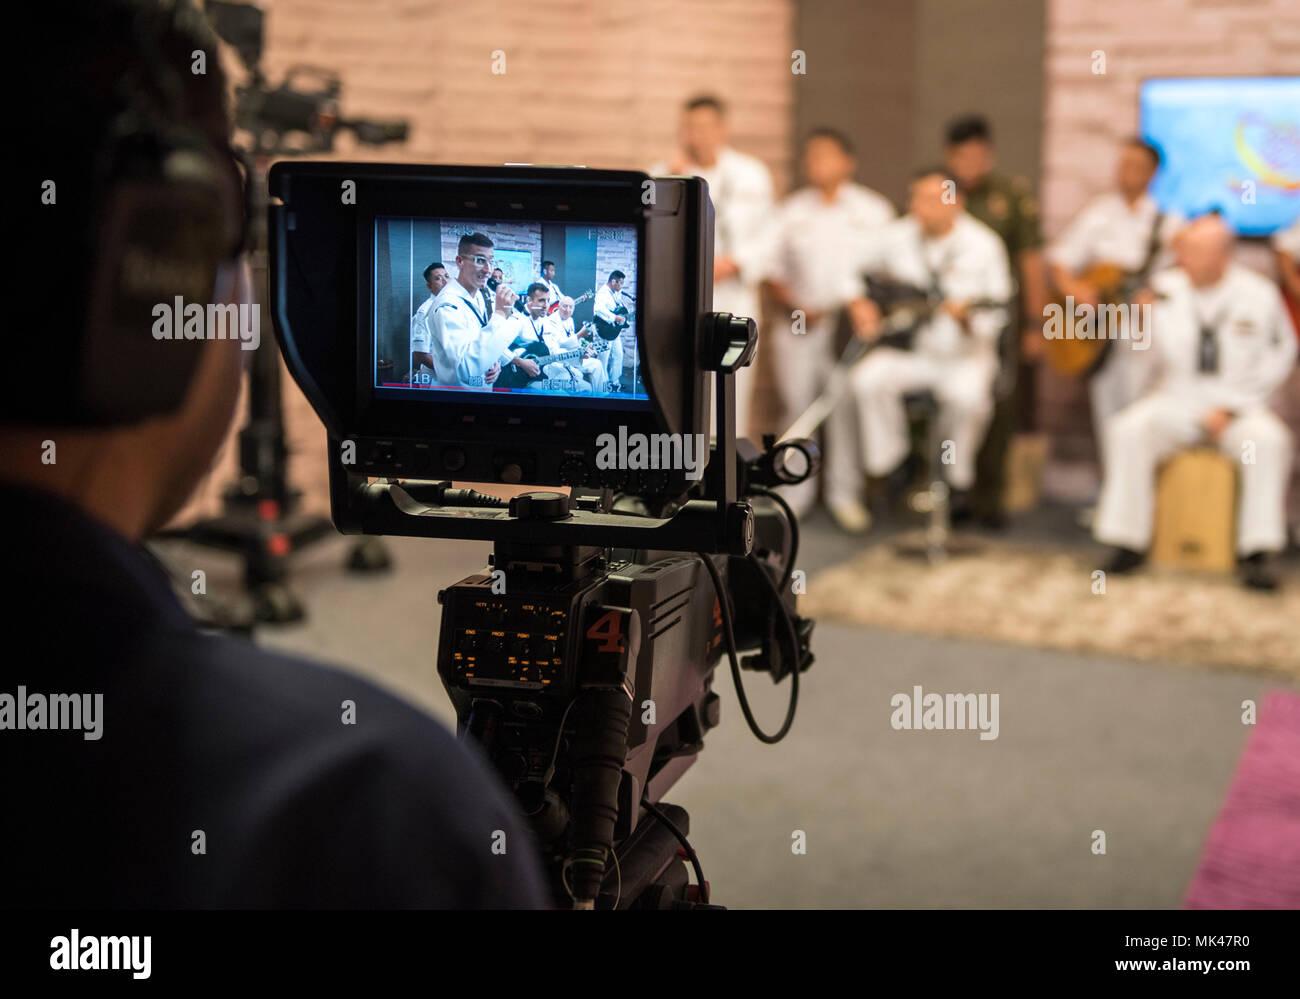 171107-N-OU129-081 BRUNÉI (7 novembre 2017) La 7ème Flotte américaine Orient Express Bande faire une apparition spéciale sur Radio TV L'émission de télévision Rampai Pagi matin pendant l'état de préparation et de formation à la coopération (CARAT) Brunei 2017 07 novembre. CARAT est une série d'exercices maritimes annuel entre la U.S. Navy, Corps des Marines des États-Unis et les forces armées des pays partenaires à: Bangladesh, Brunei, Indonésie, Malaisie, Sri Lanka, Singapour, la Thaïlande et le Timor-Leste. (U.S. Photo par marine Spécialiste de la communication de masse 2e classe Joshua Fulton/libérés) Photo Stock